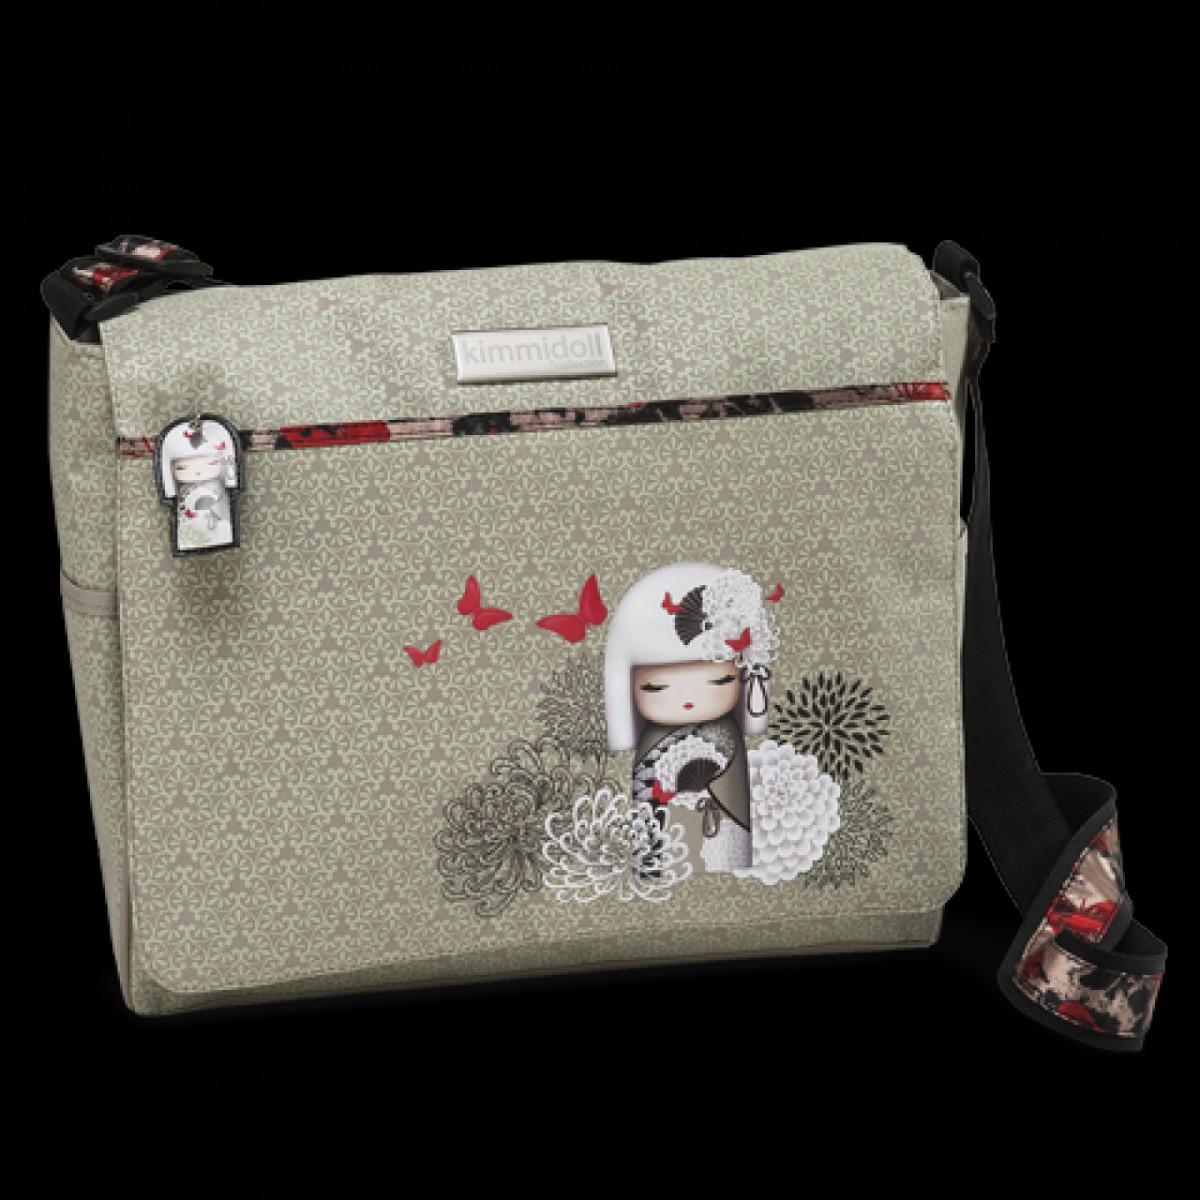 02c34db91658 Kimmidoll - trendi laptop táska Kimmidoll - Kimmidoll | Játék ...